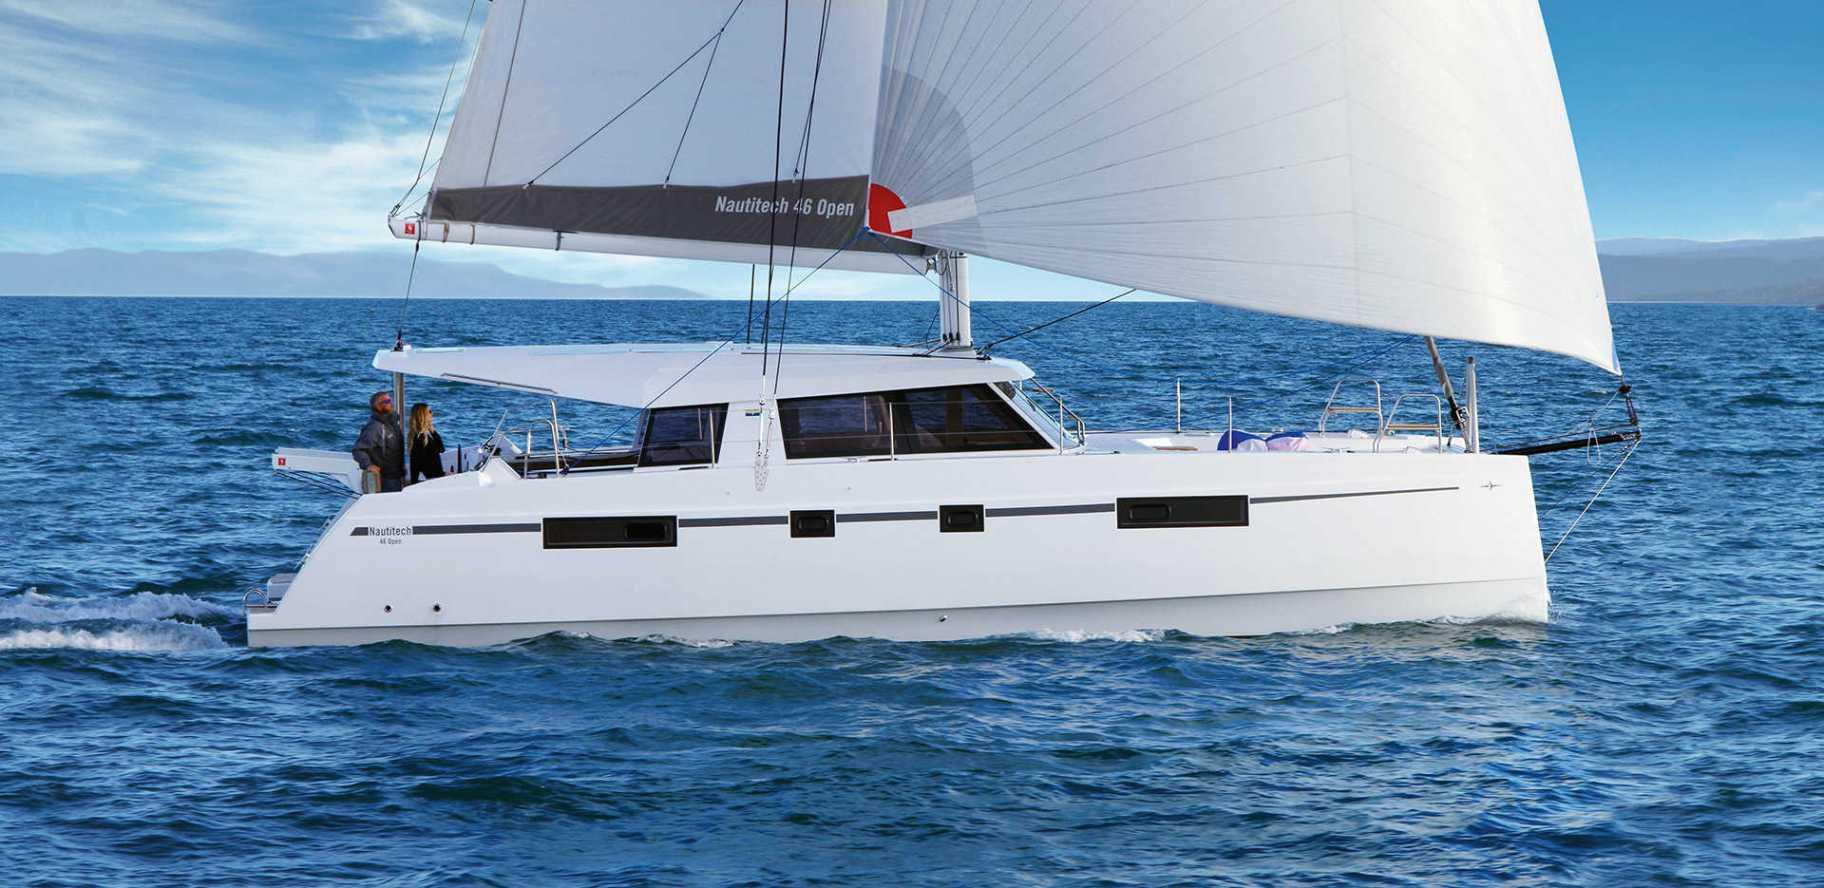 naututech-open-46-yacht-charter-croatia-sailing-holidays-croatia-booking-yacht-charter-croatia-catamarans-sailboats-motorboats-gulets-luxury-yachts-boat-rental-1